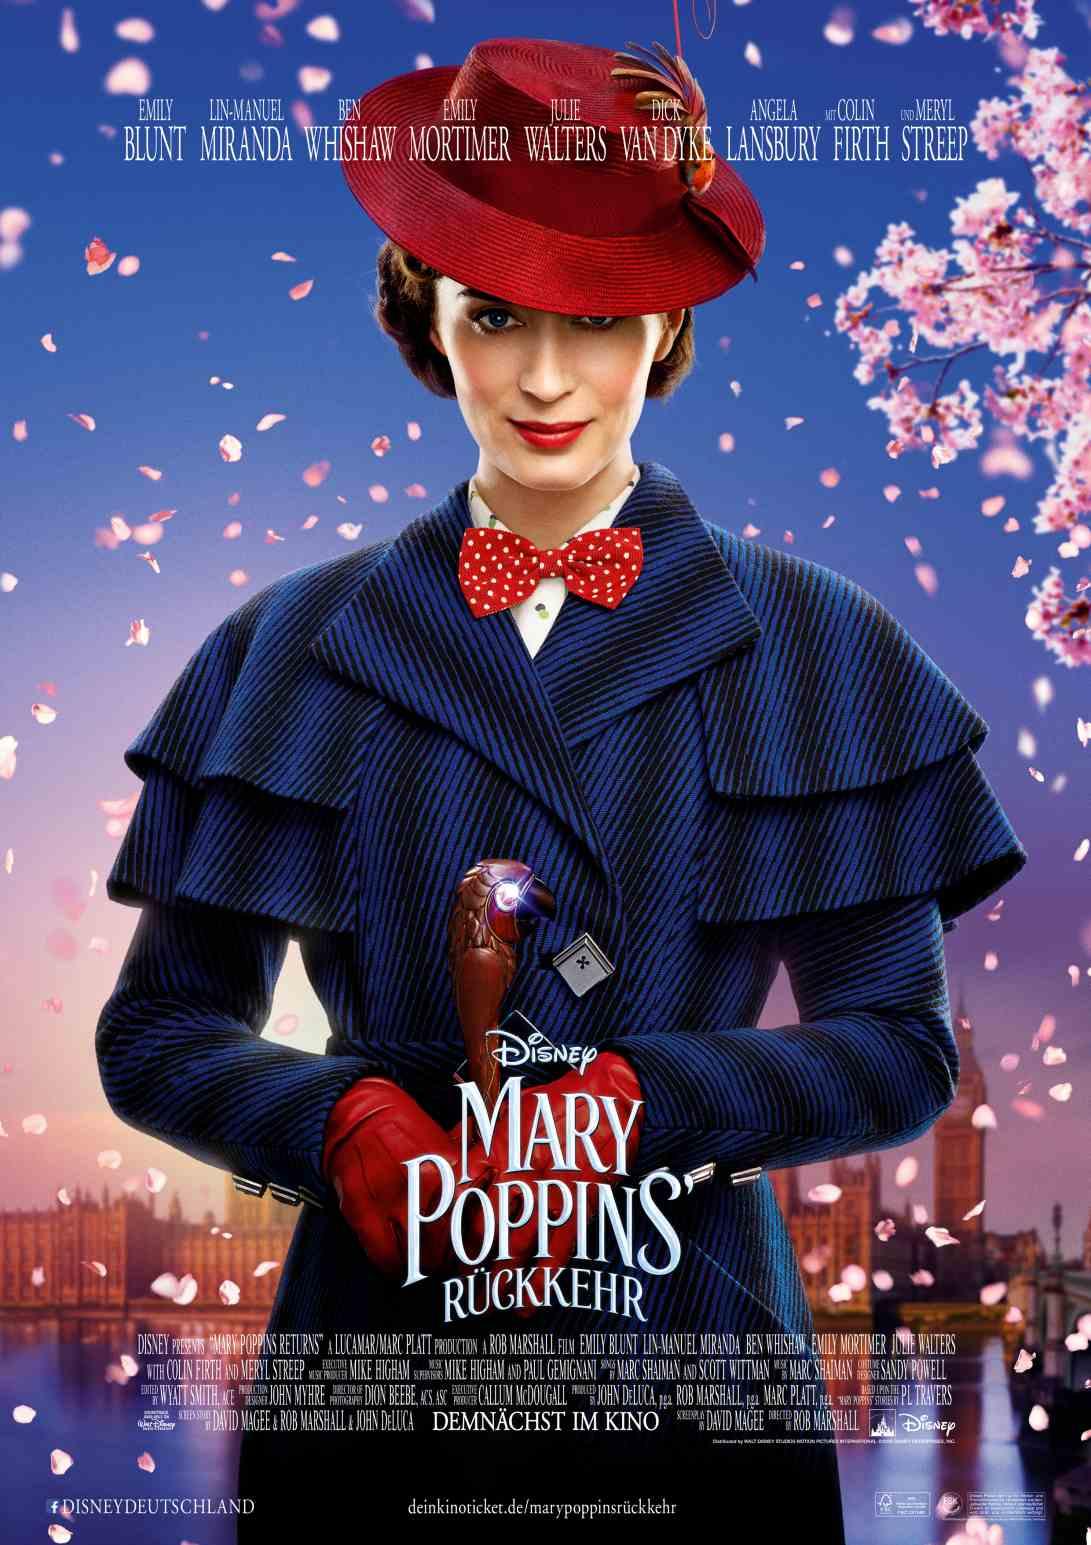 Mary Poppins Rückkehr Magisch Zauberhaft Und Herrlich Bunt Die